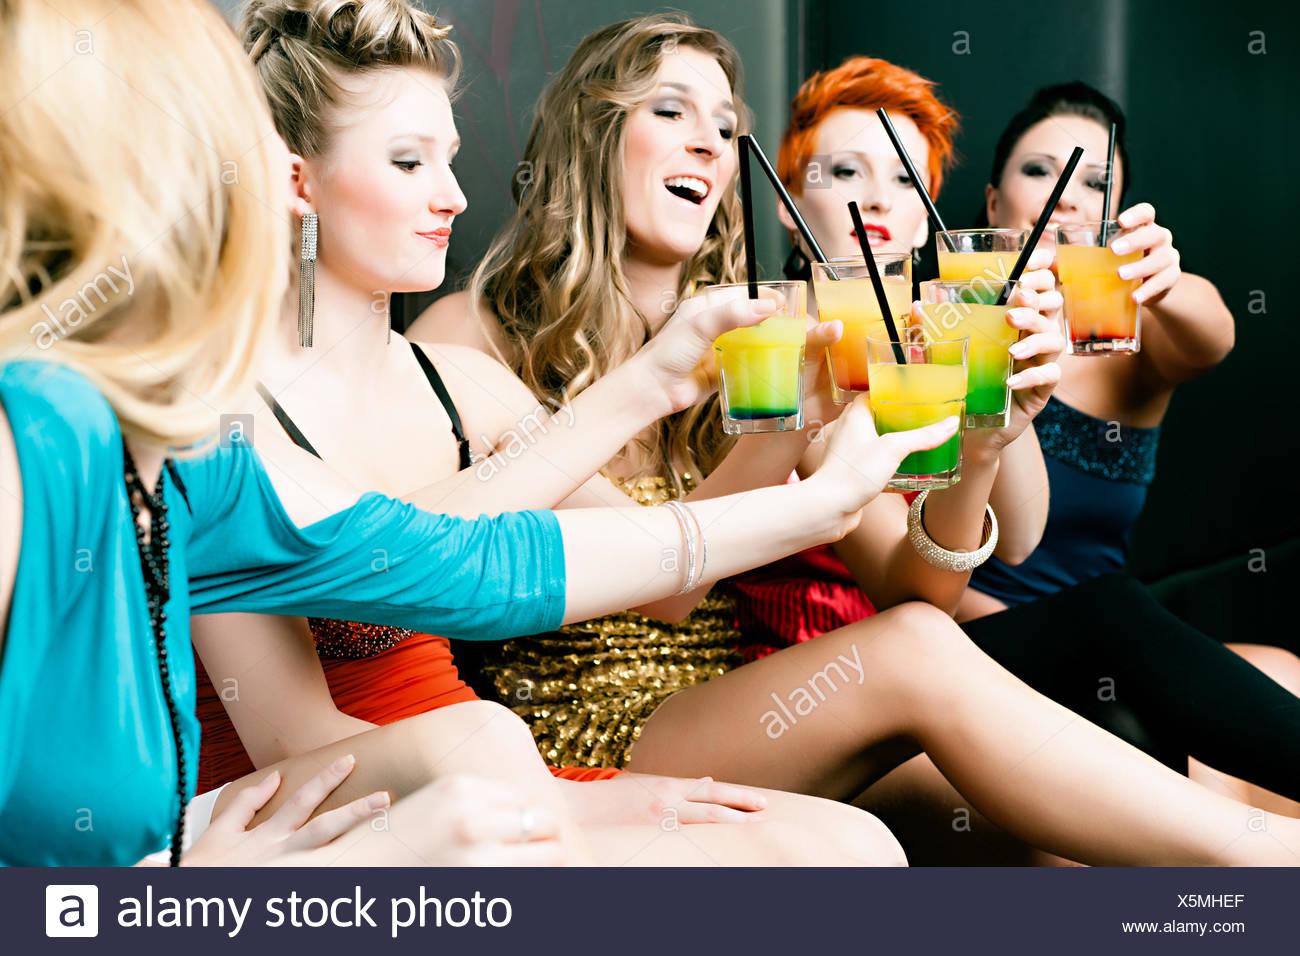 Las mujeres en un club o una discoteca con cócteles Foto de stock